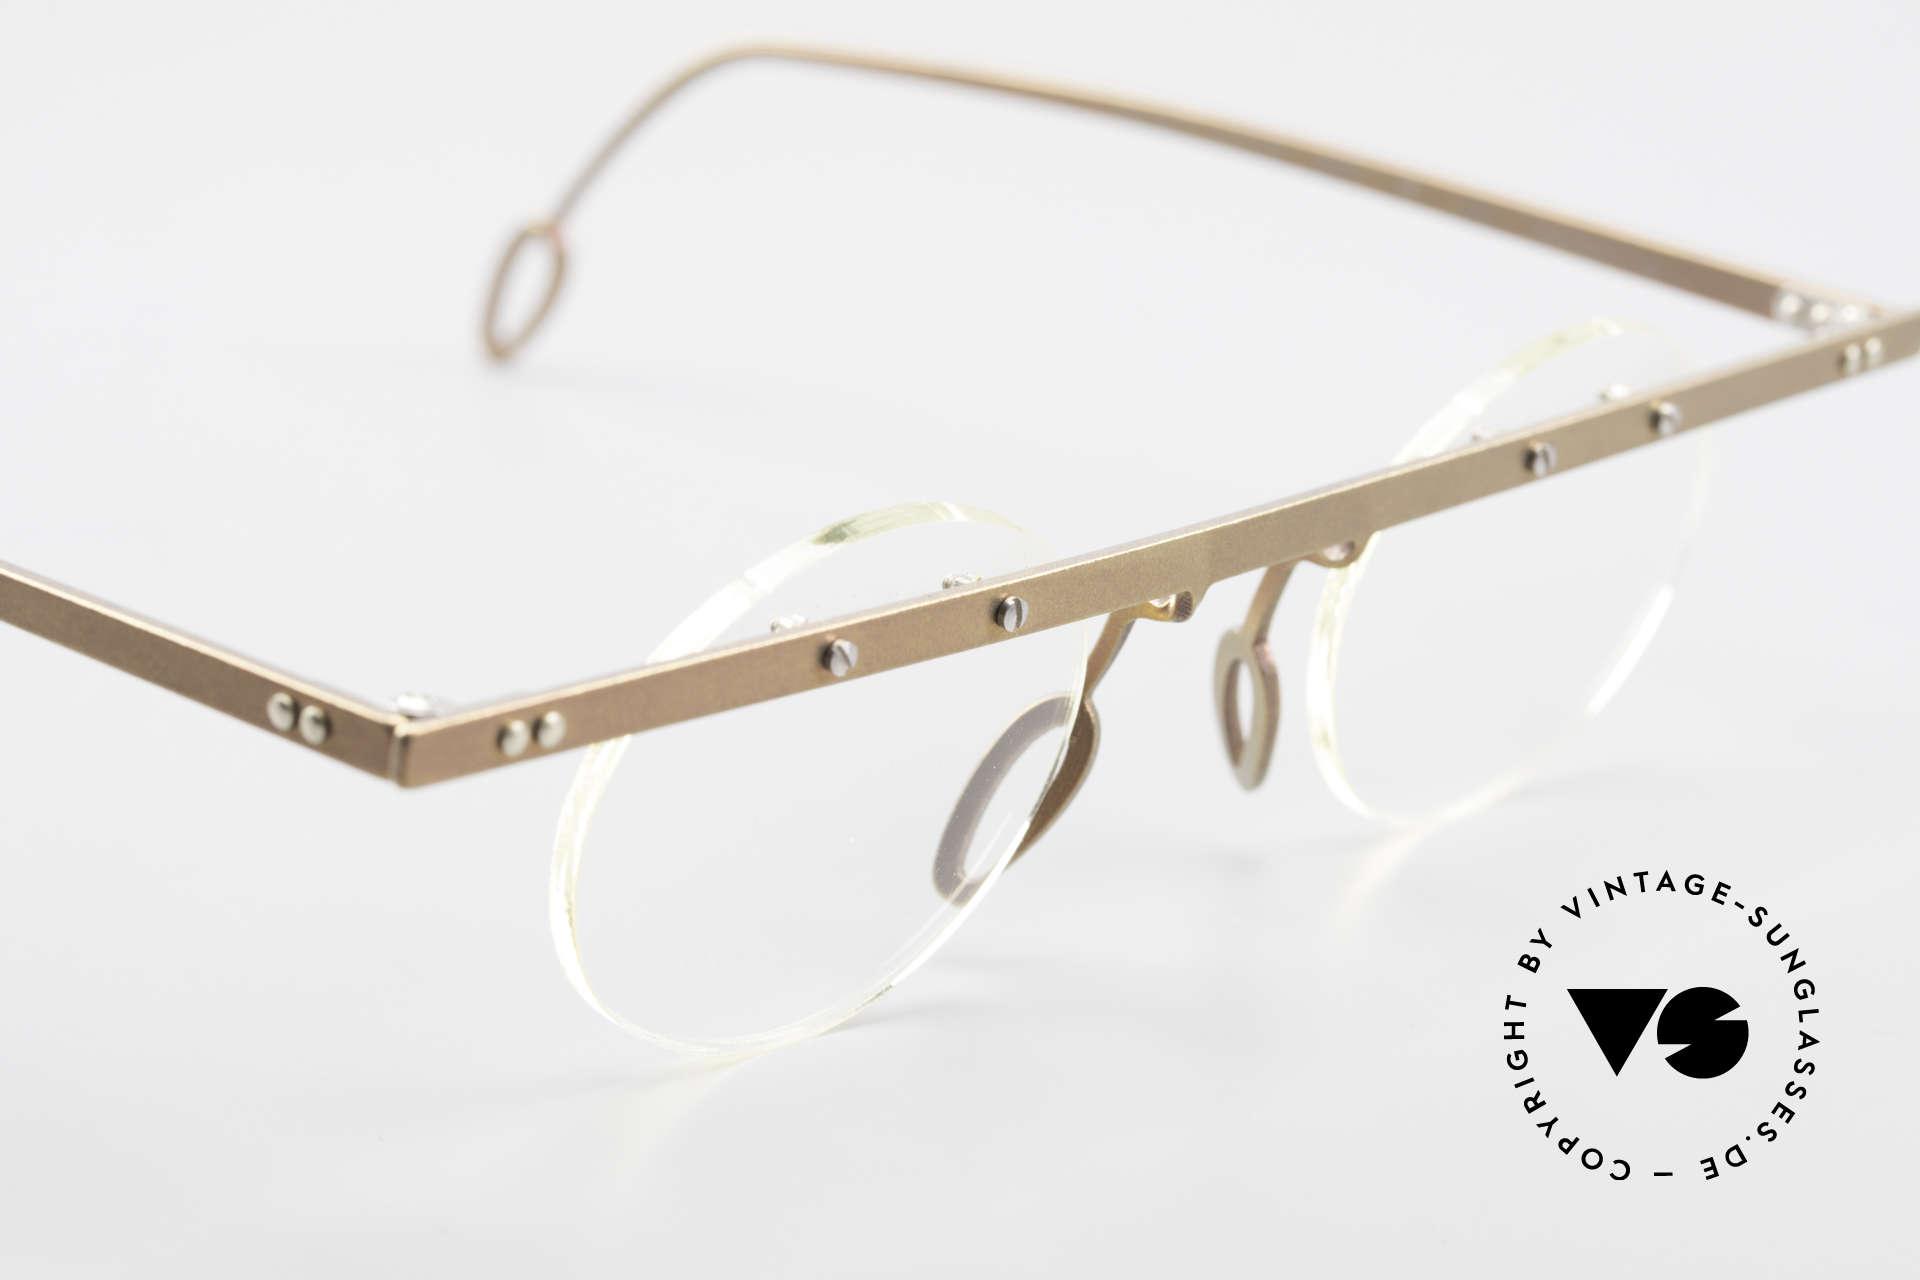 Theo Belgium Tita VII 9 Titanium 90er Vintage Brille, die Gläser sind mit Schrauben am Titan-Rahmen fixiert, Passend für Herren und Damen